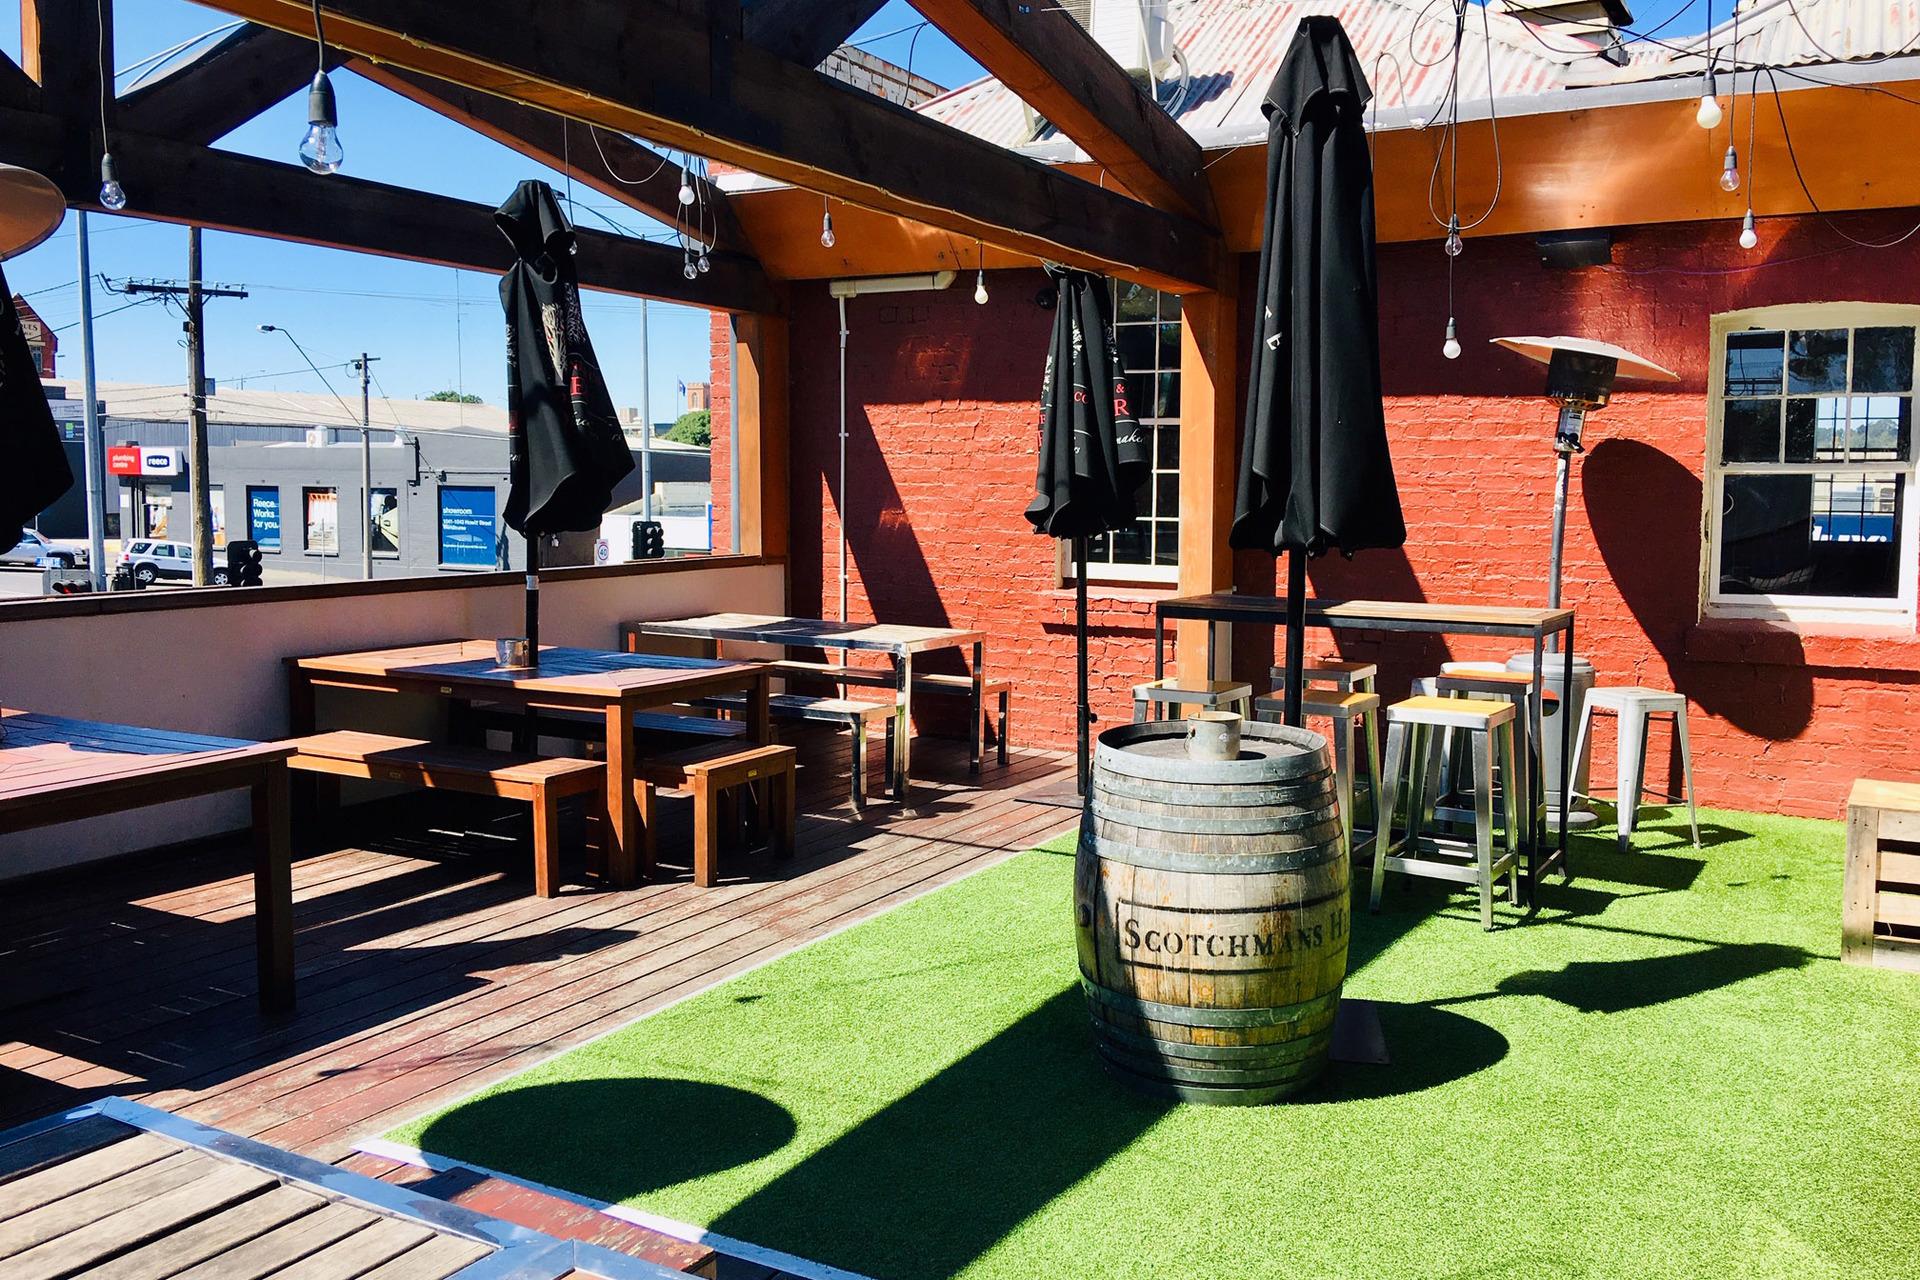 d - Freight Bar & Restaurant